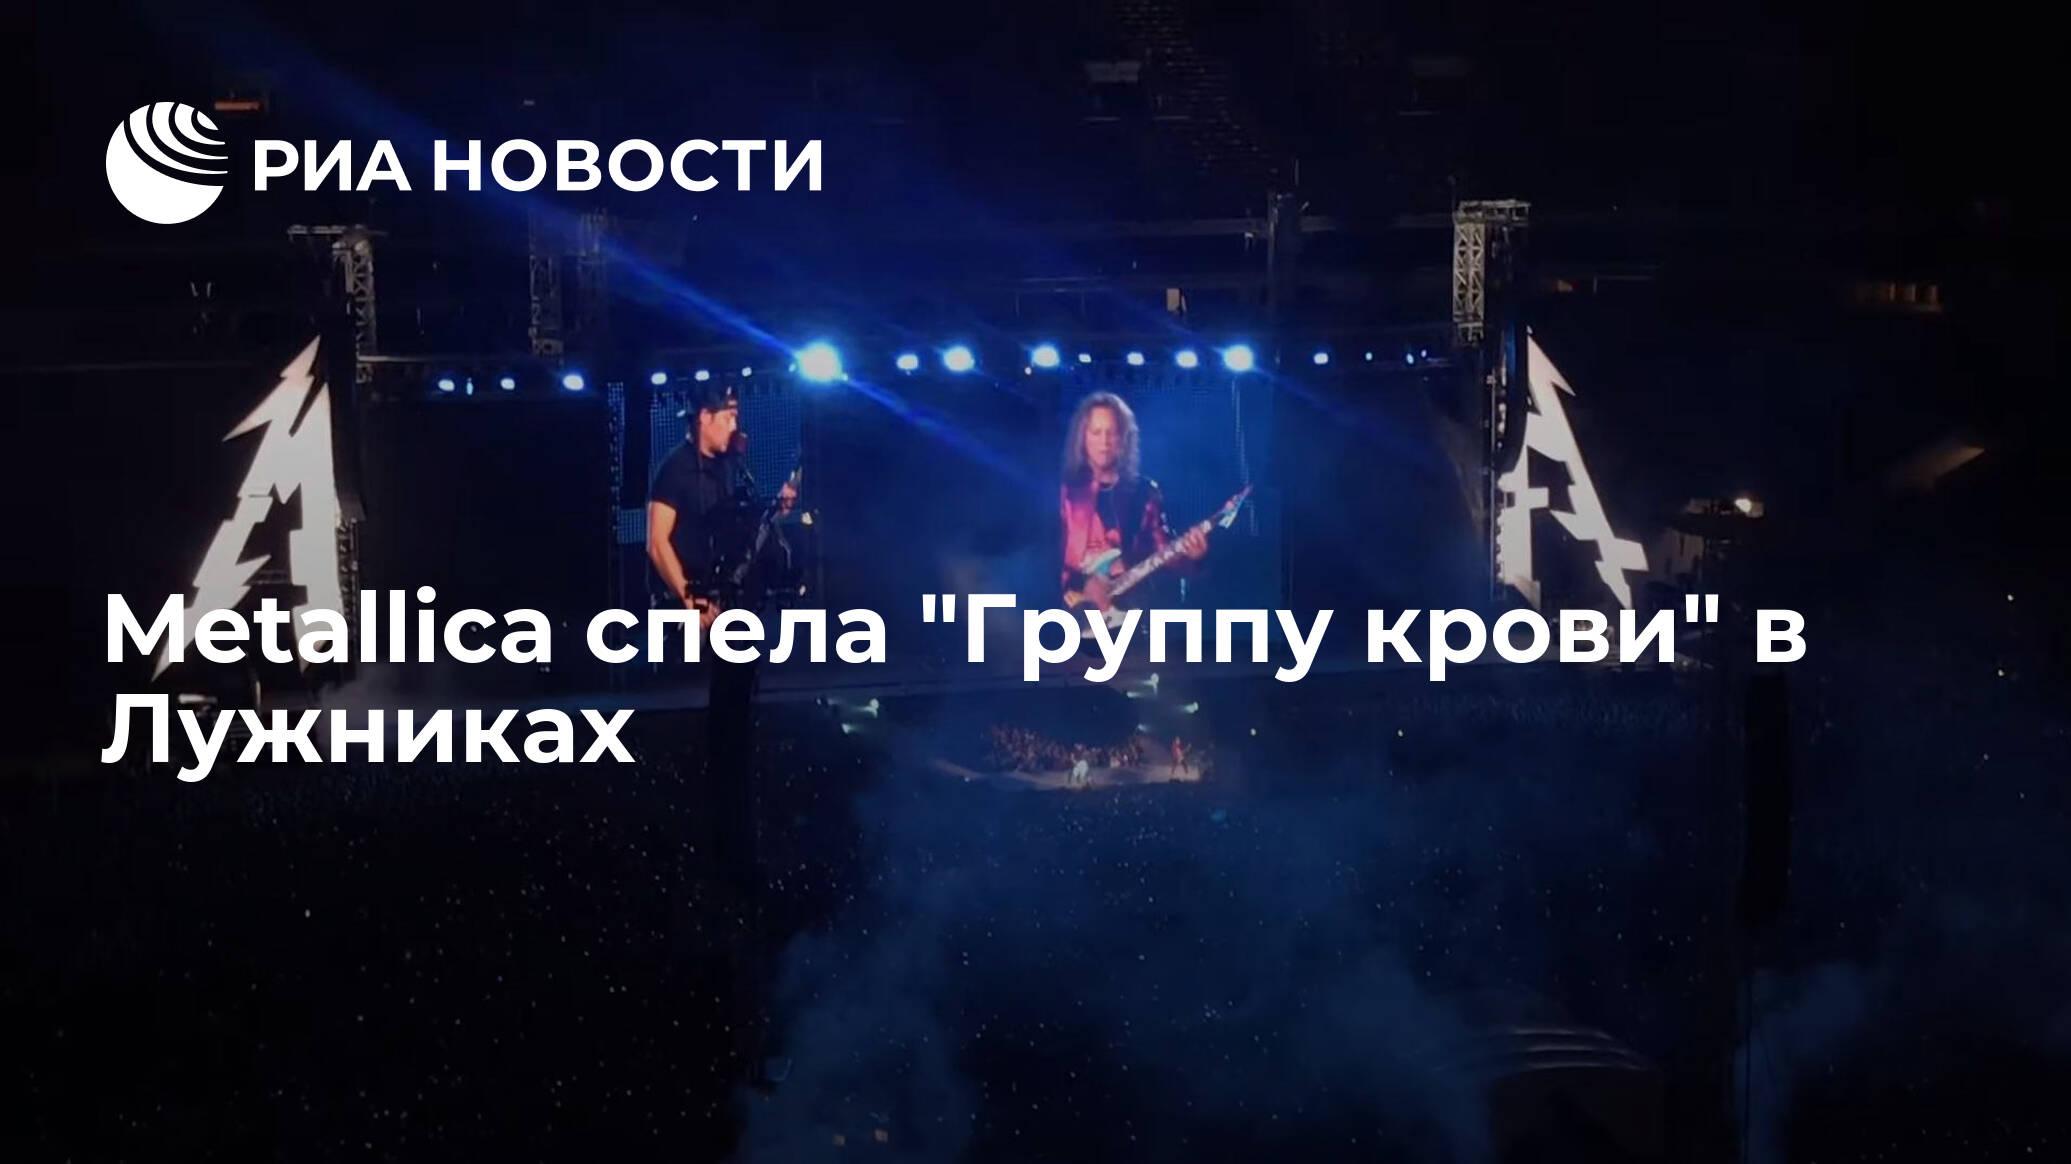 """Metallica спела """"Группу крови"""" в Лужниках - РИА Новости, 21.07.2019"""